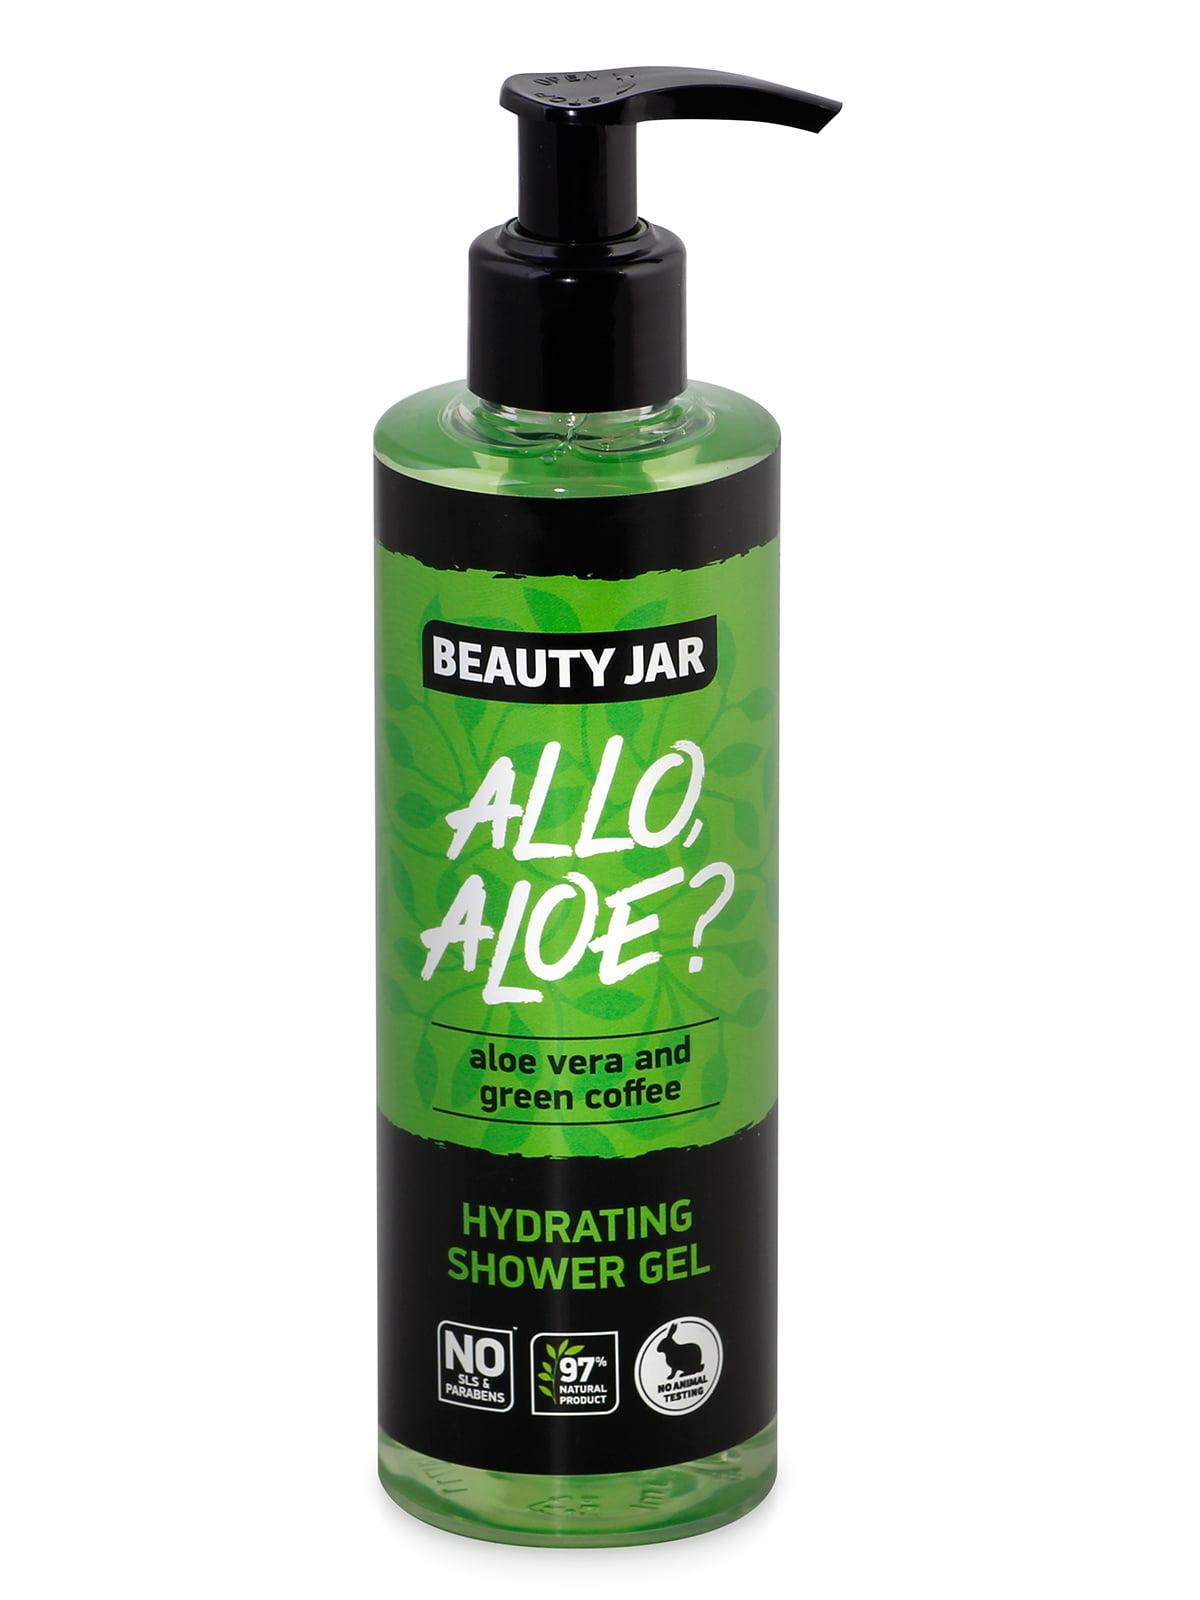 Гель для душа Allo, Aloe? (250 мл)   4778610